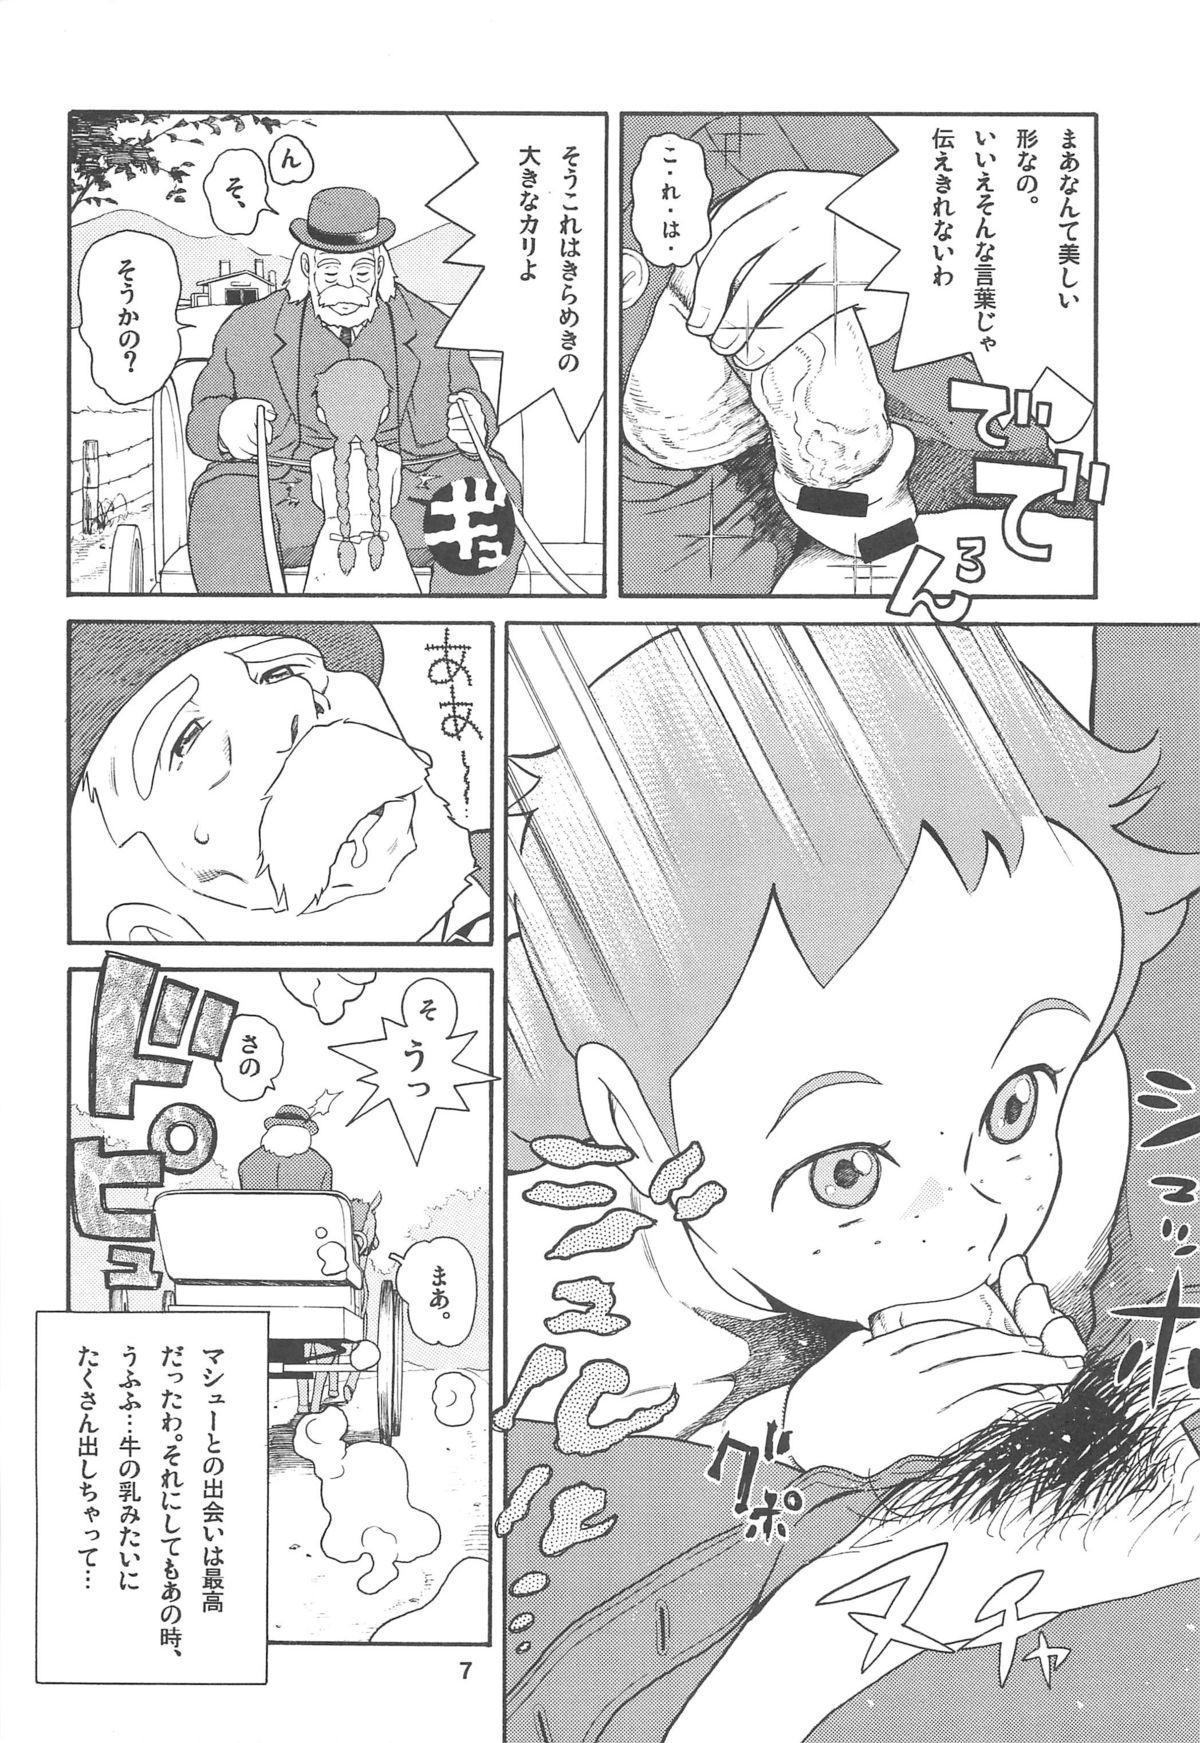 Hatch & Zukki no Sekai Meisaku Gekijou 6